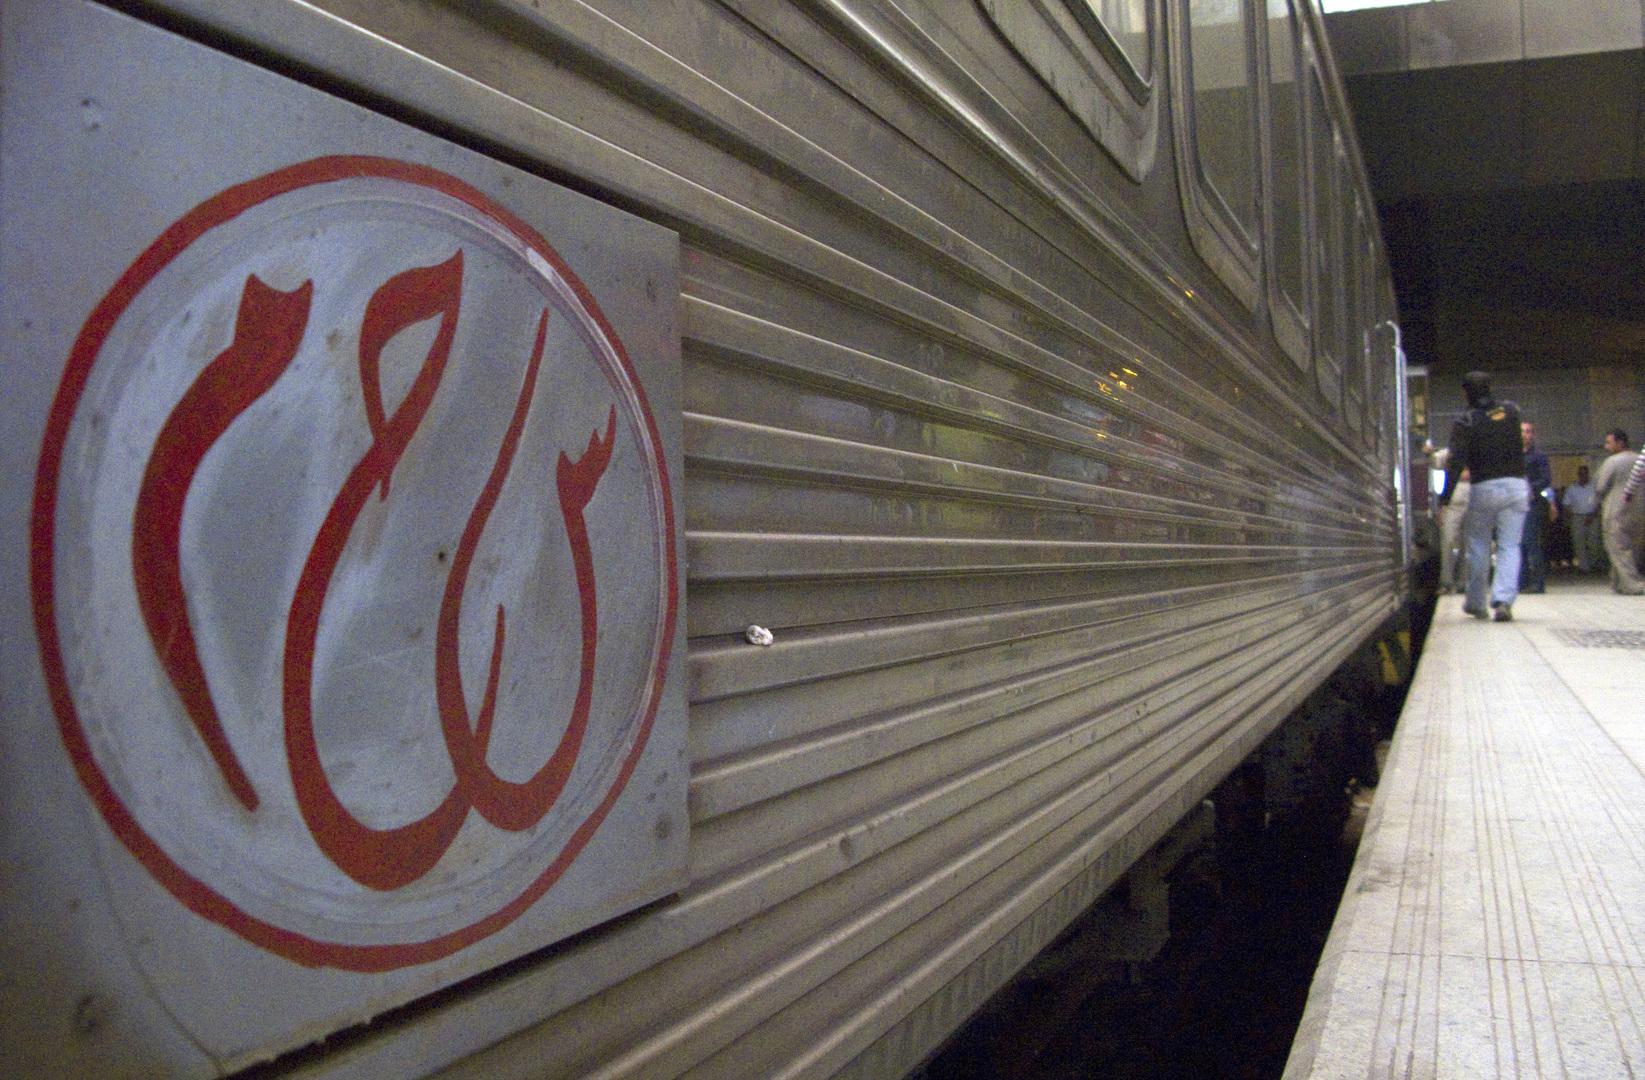 مصر تعلن عن مشروع خط سكة حديد بطول 600 كم يربطها بالسودان